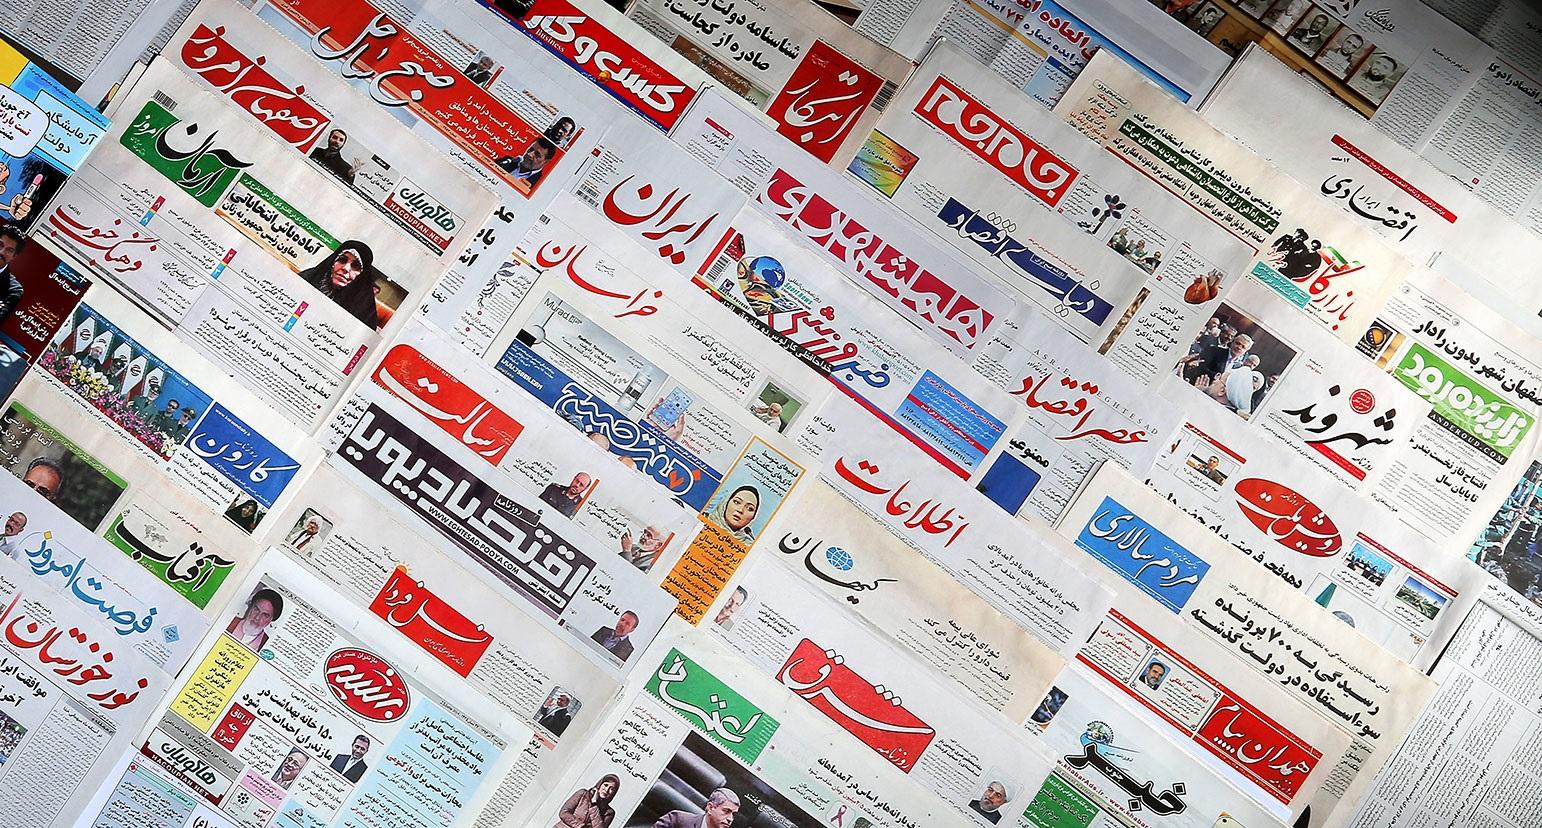 عناوین روزنامه های امروز ۴ تیر ۹۶